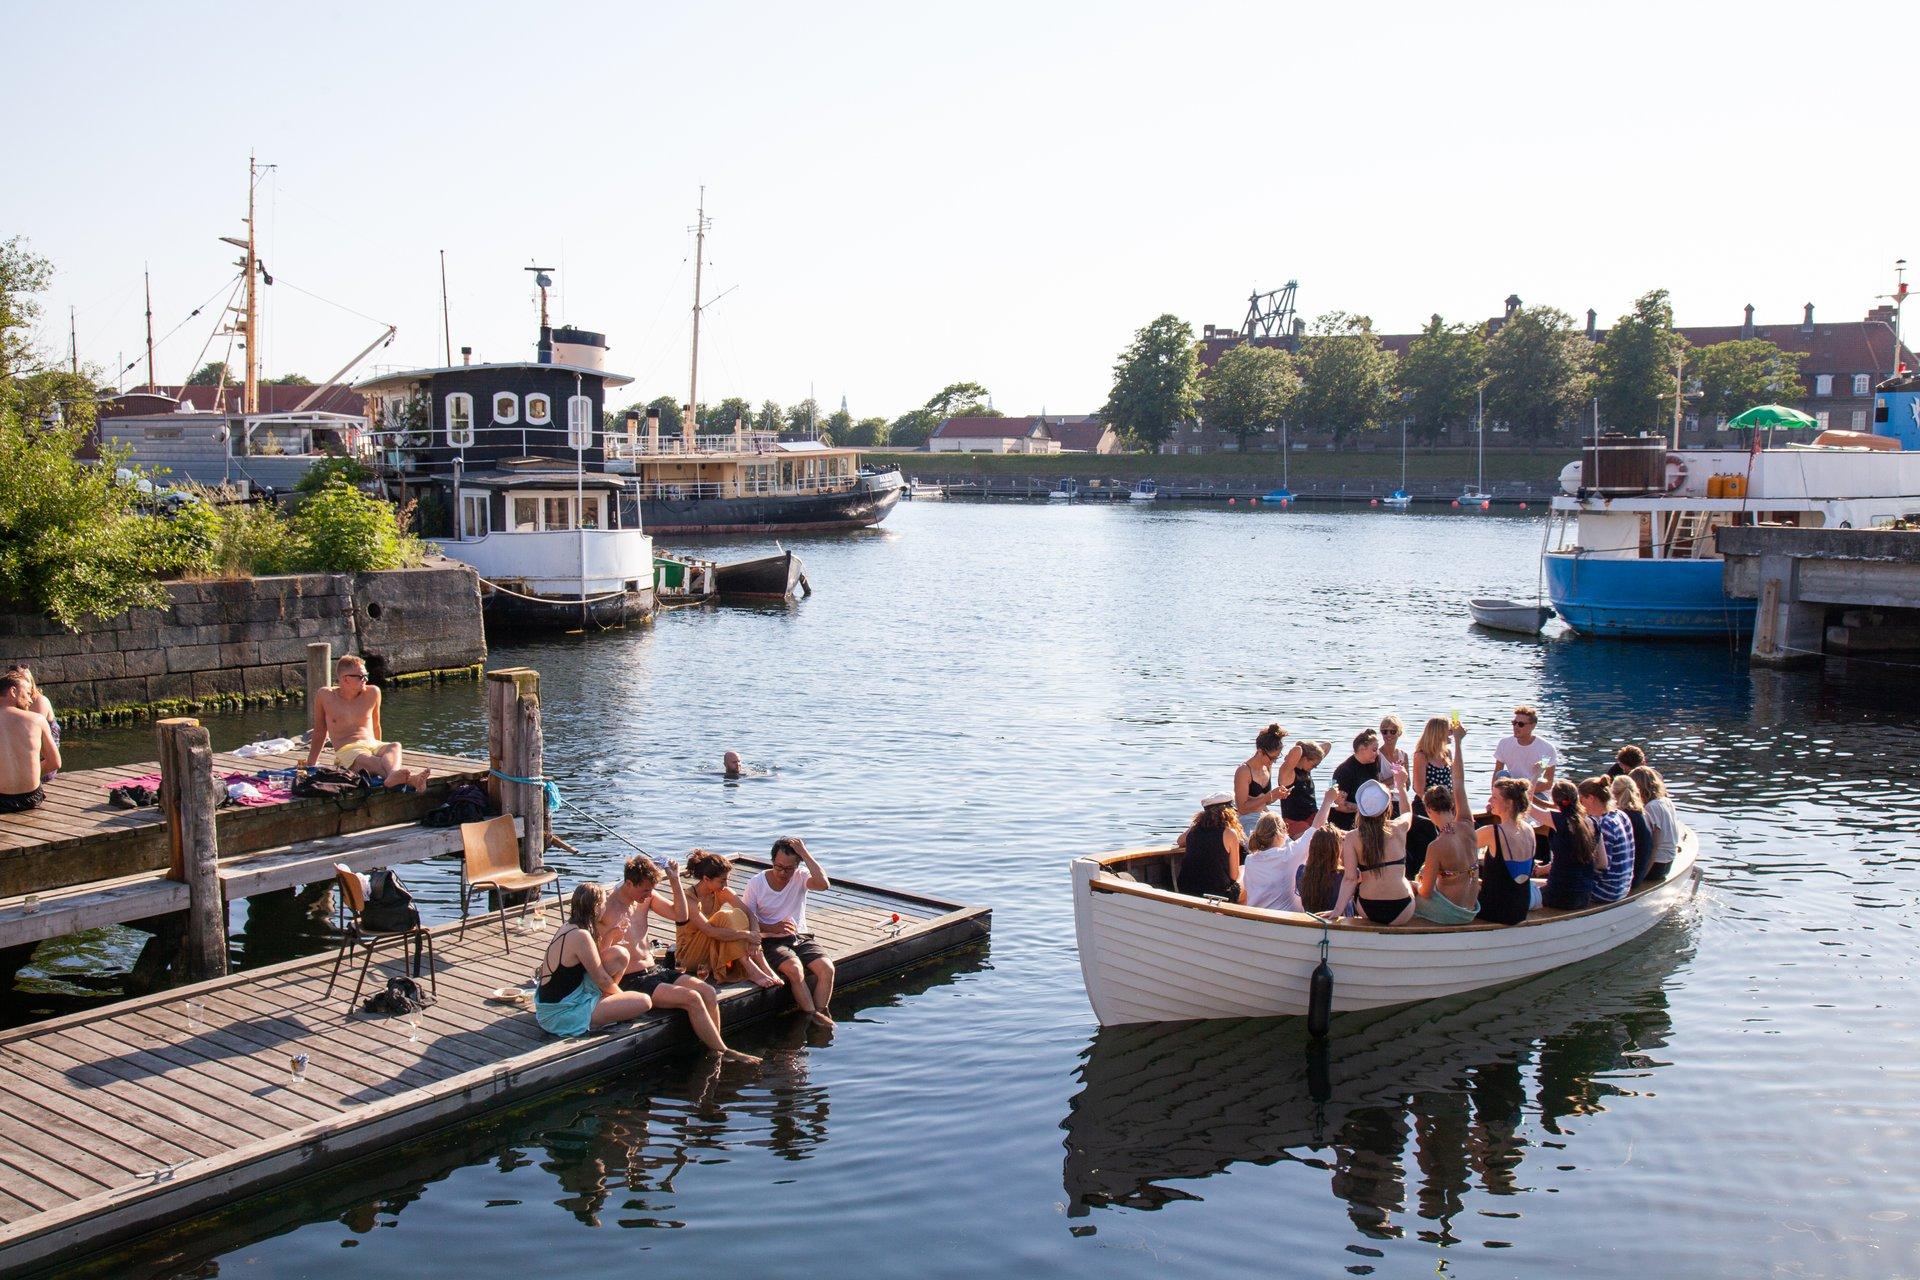 København er meget mere end Strøget, Tivoli og Nyhavn. Her er det fra Refshaleøen, tæt på Rådhuspladsen. Pressefoto for VisitDenmark: Kim Wyon.